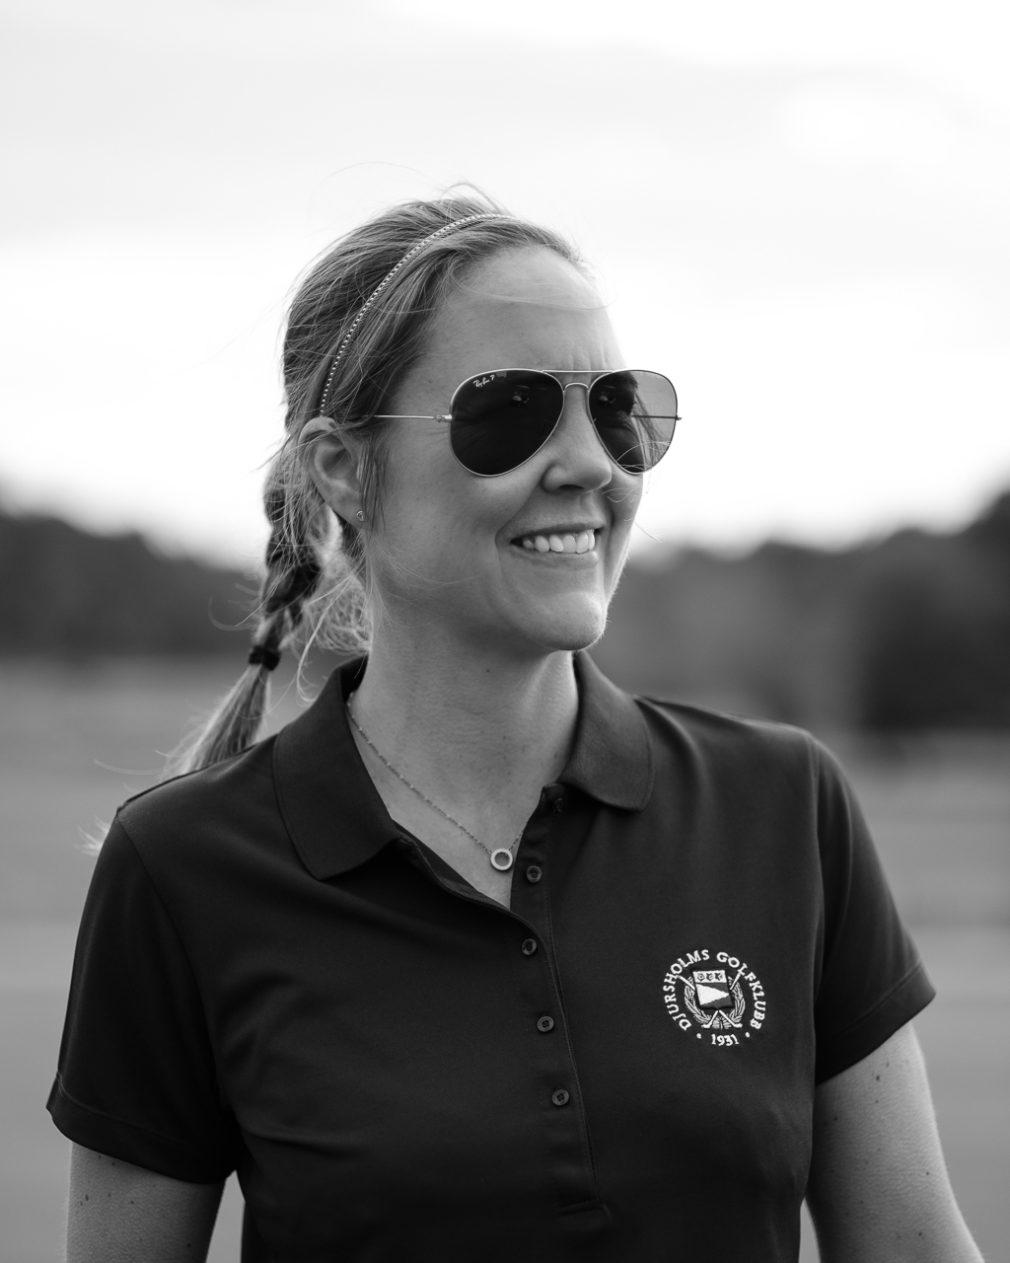 Coach Jenny Hagman